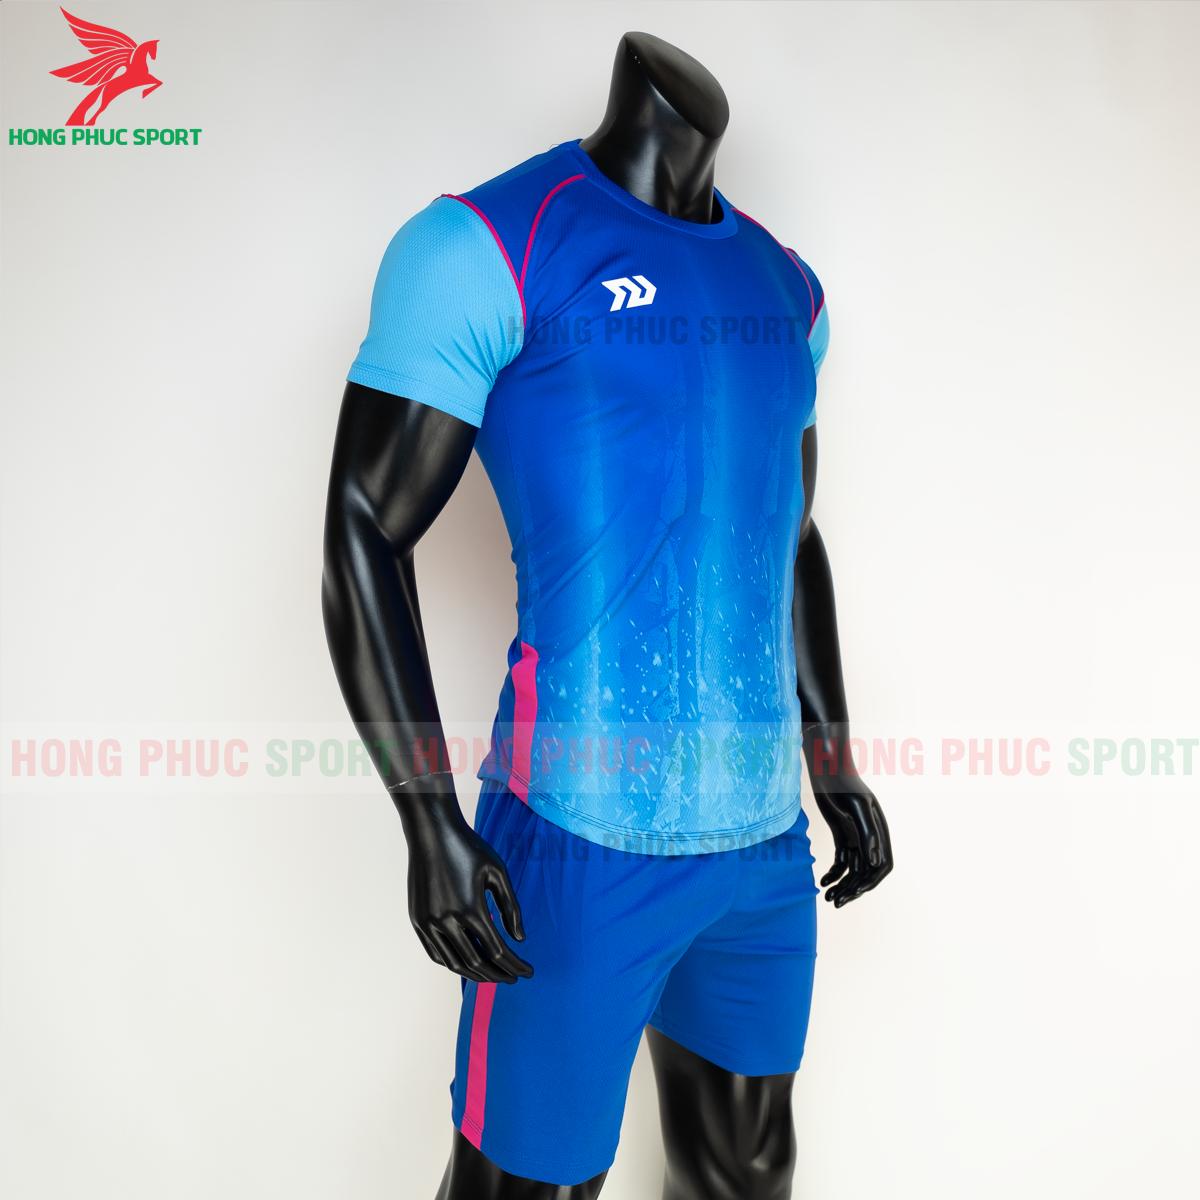 Áo đá banh không logo Bulbal Hades 2021 màu Xanh dương(phải)